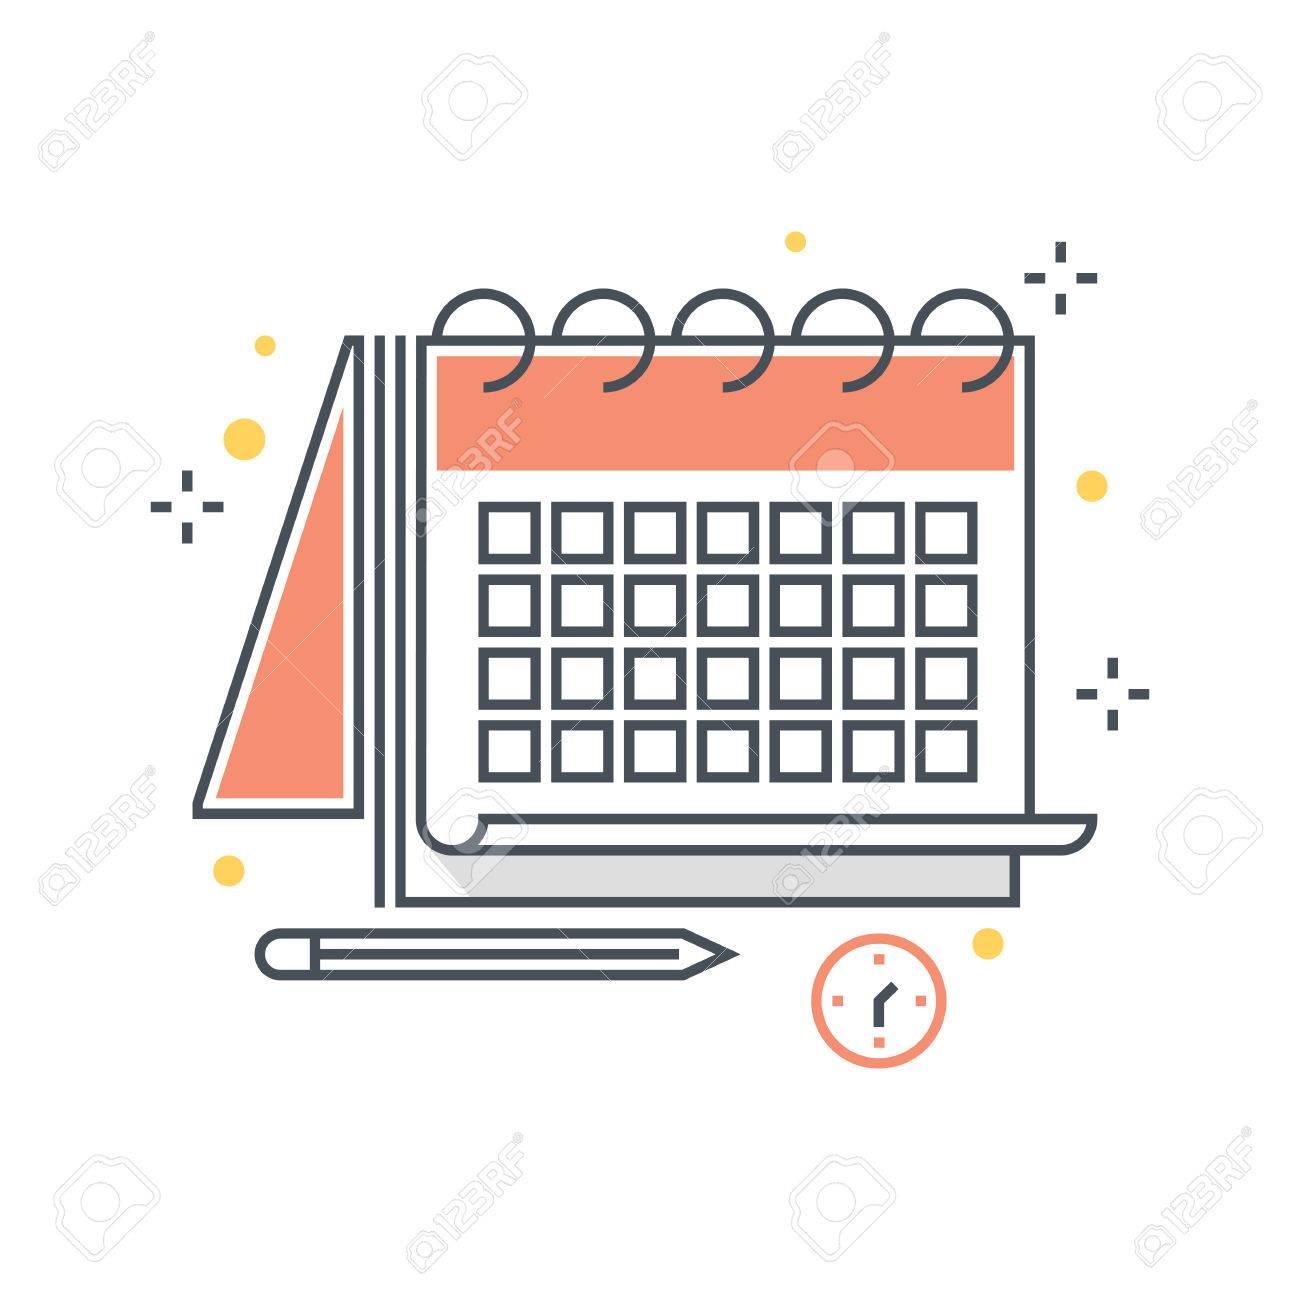 Calendario Timing.Linea Di Colore Calendario Timing Illustrazione Di Scadenza Icona Sfondo E Grafica L Illustrazione E Colorato Piatto Pixel Perfetto Adatto